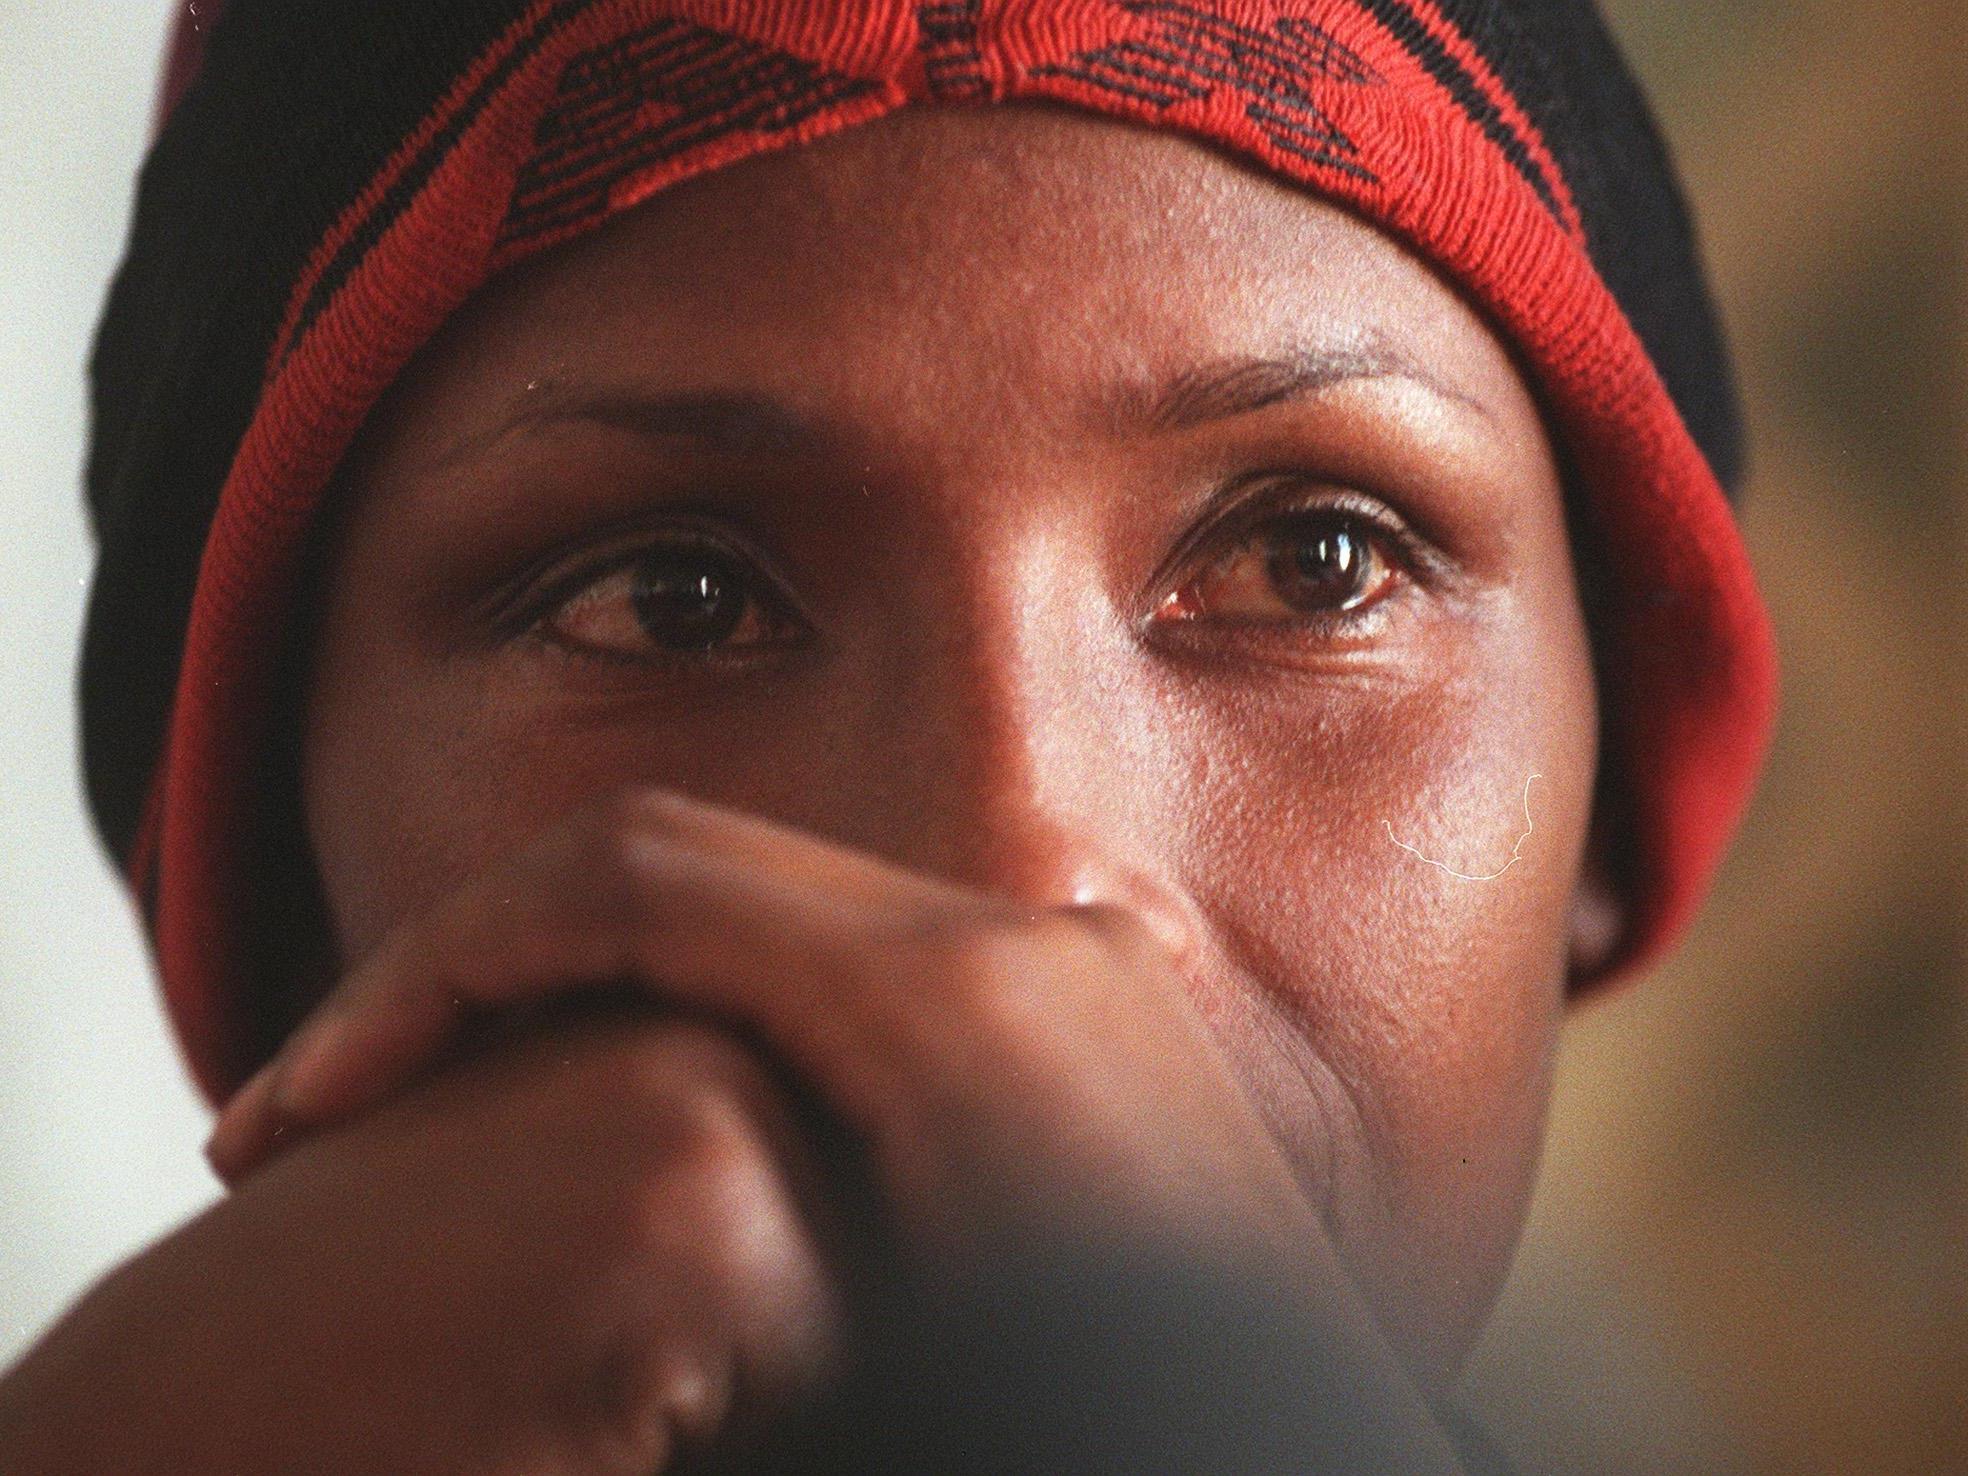 """Eine der berühmtesten Kämpferinnen gegen Genitalverstümmelung: Waris Dirie, österreichisches Model somalischer Herkunft, Autorin von """"Wüstenblume""""."""